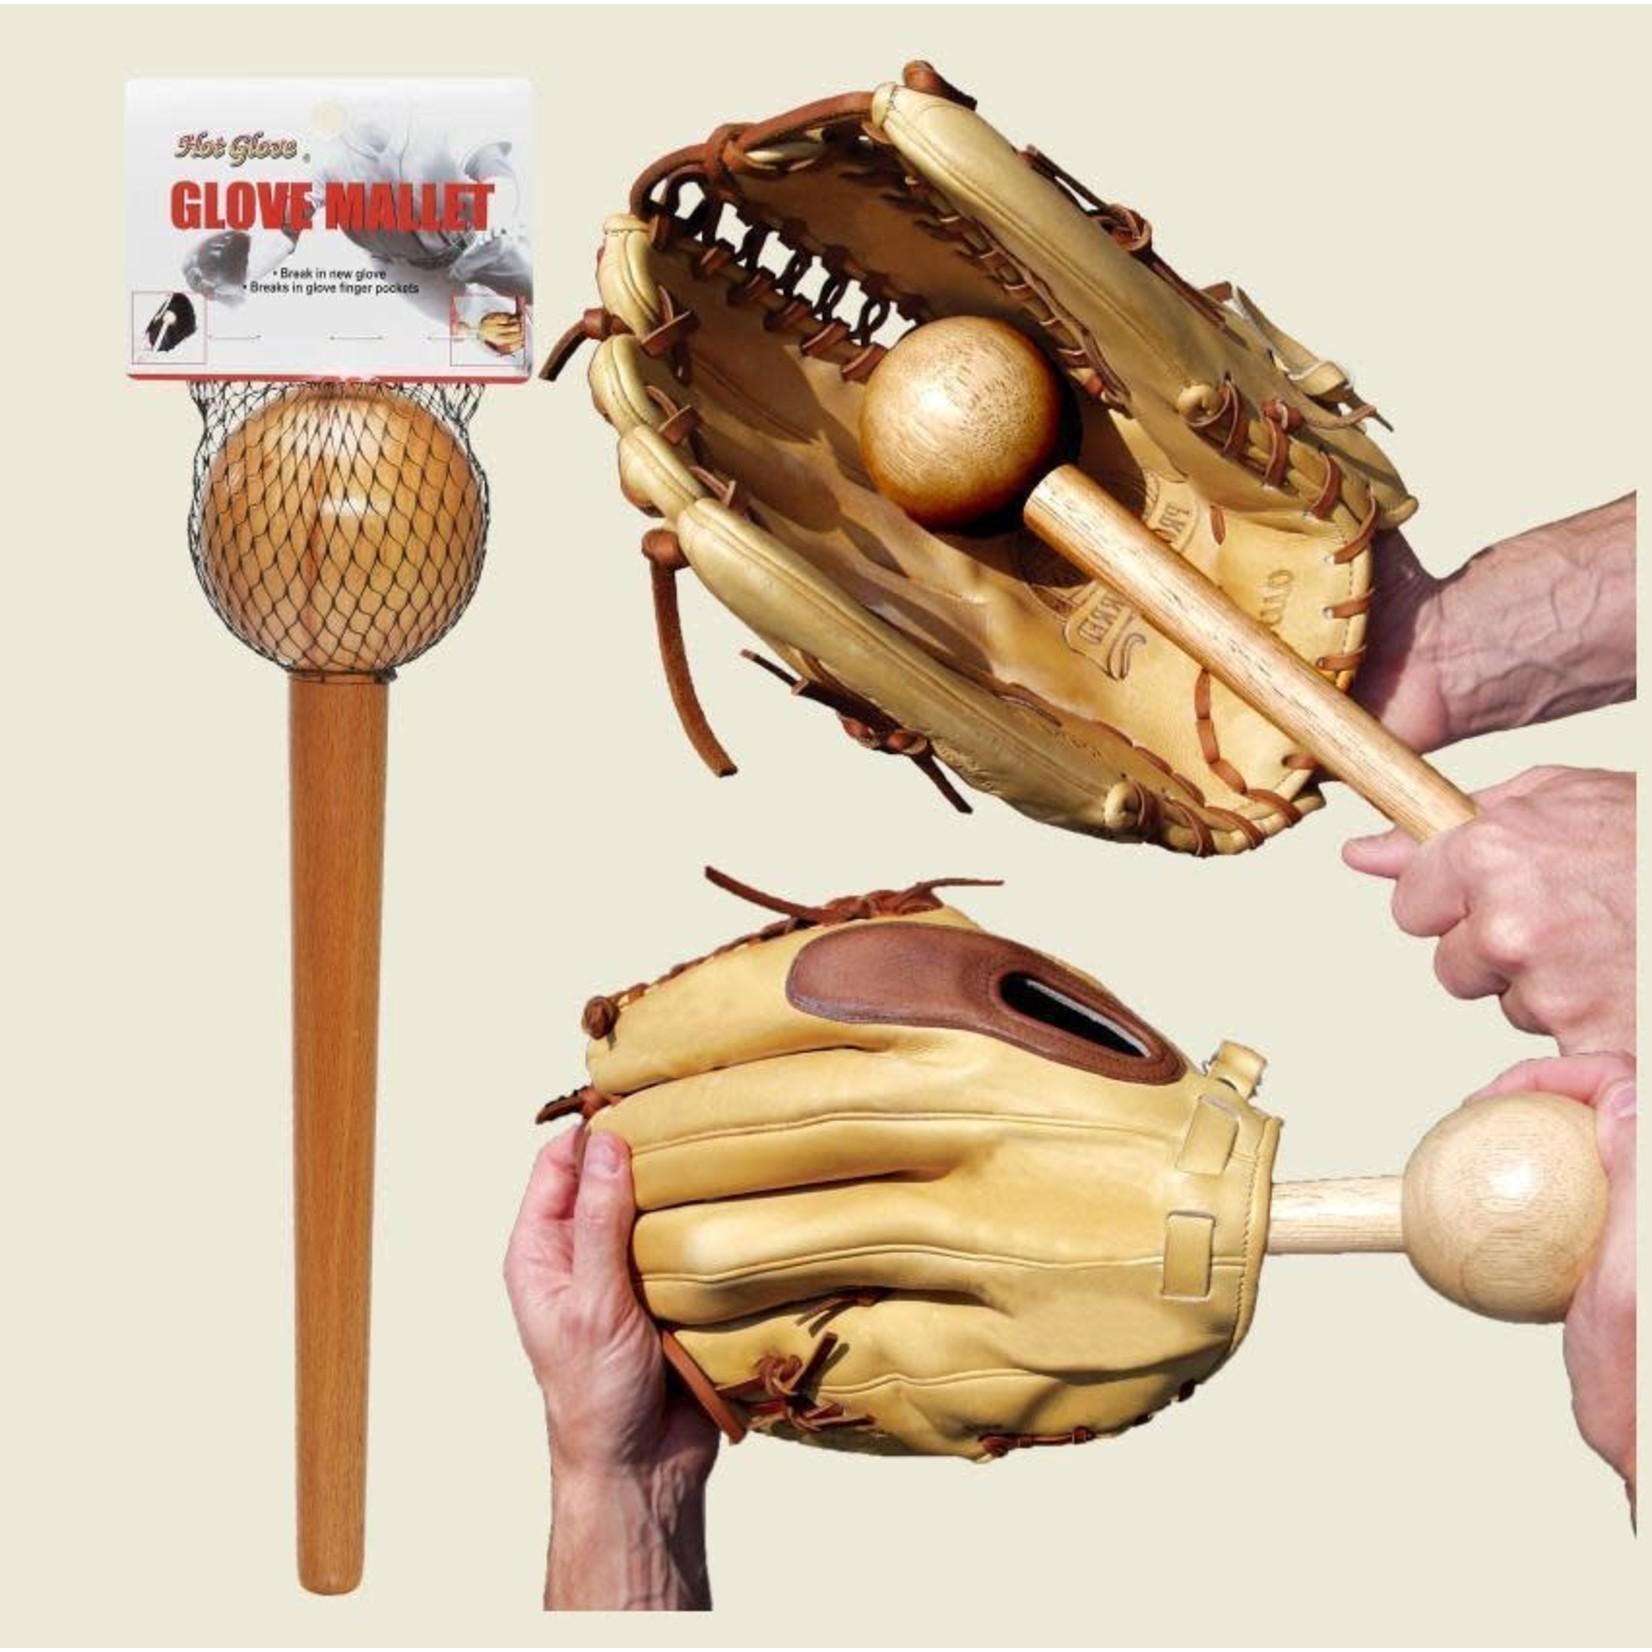 Sideline Sports Mallet Glove